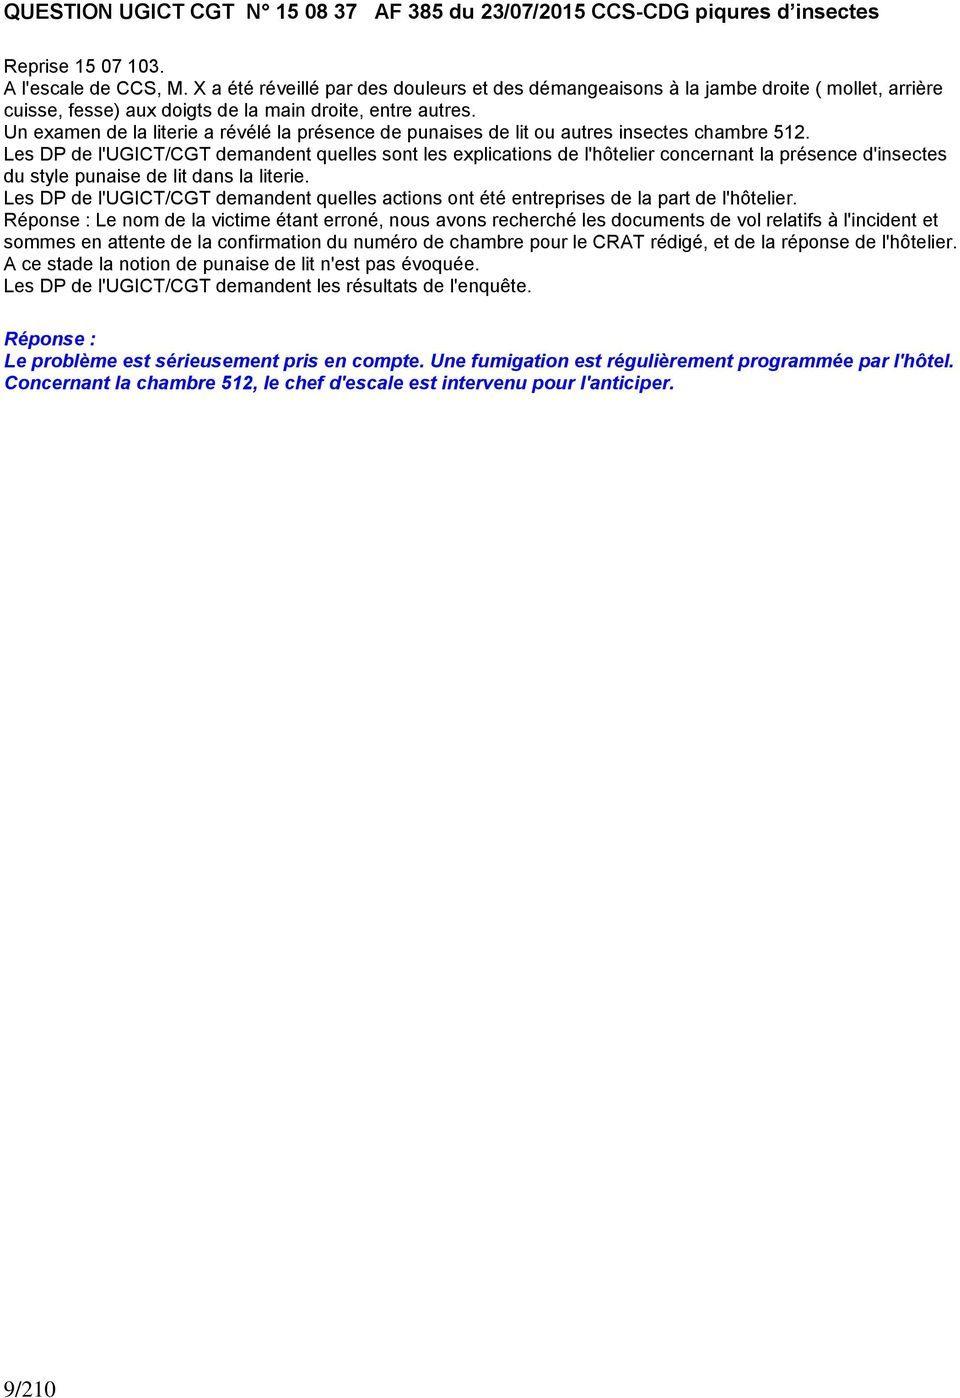 Prevention Punaise De Lit Huile Essentielle De Luxe Direction Generale Du Service En Vol Aout Pdf